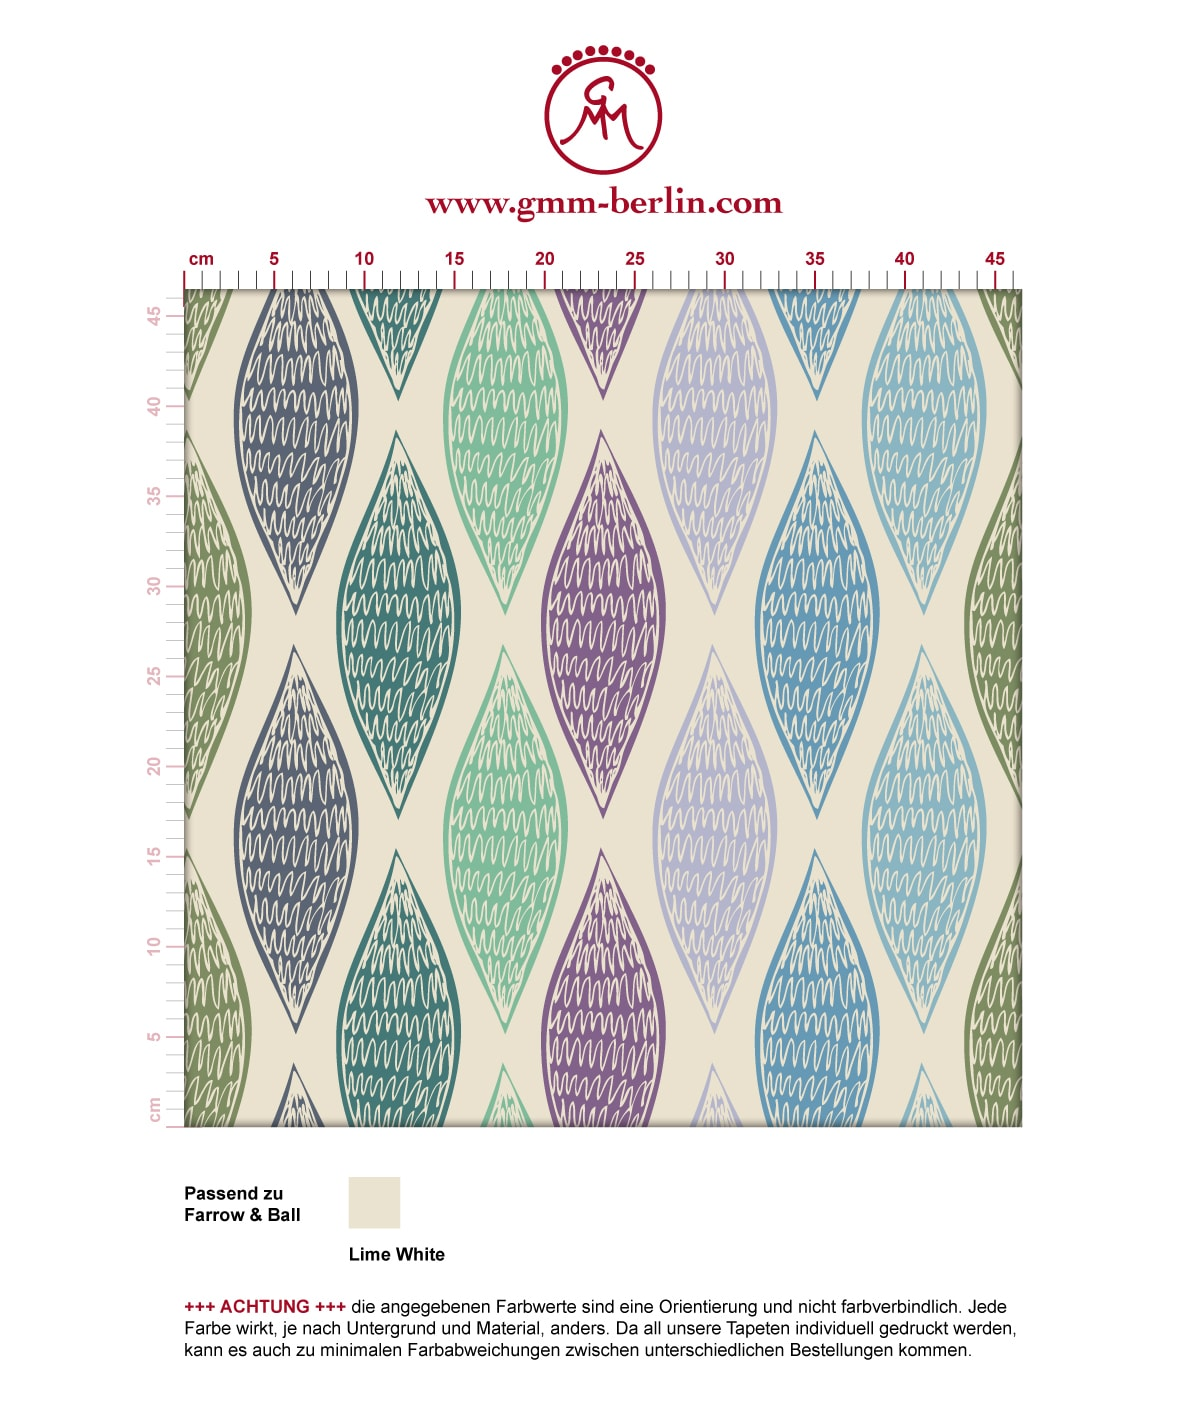 """Grüne moderne Designer Tapete """"Regenbogen Waben"""" mit bunten Farben angepasst an Farrow and Ball Wandfarben"""